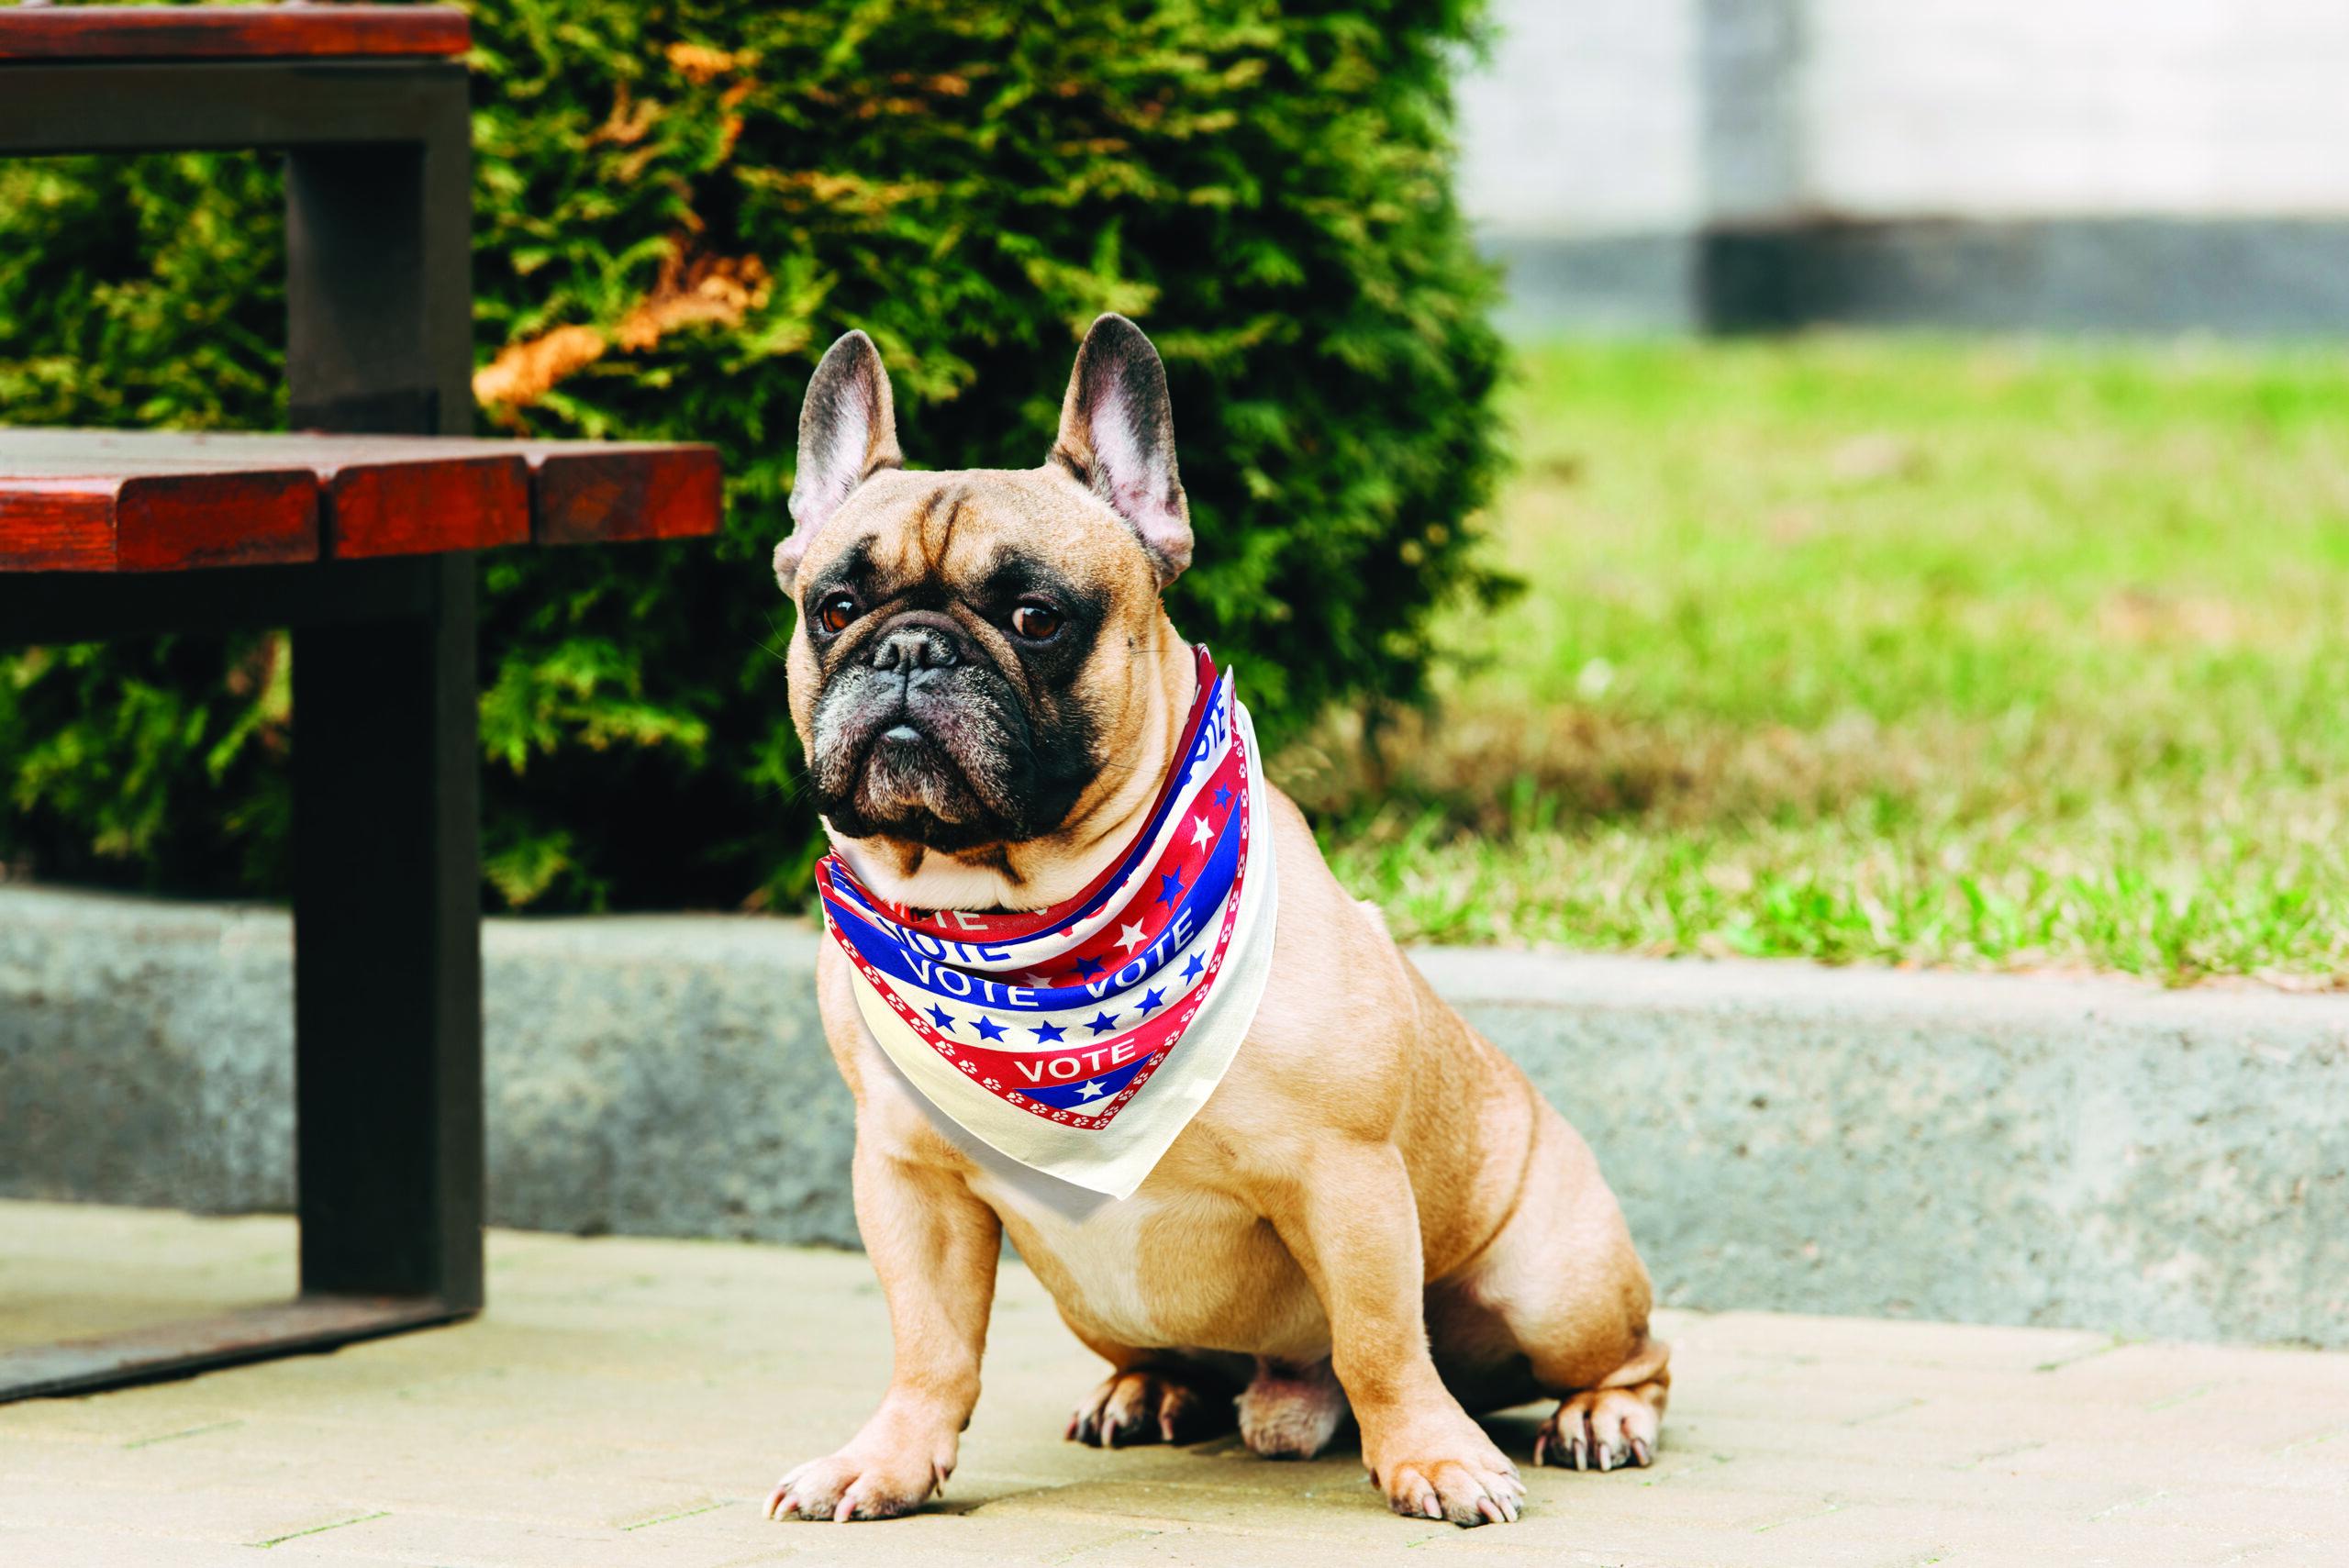 Bulldog wearing bandana bandanna